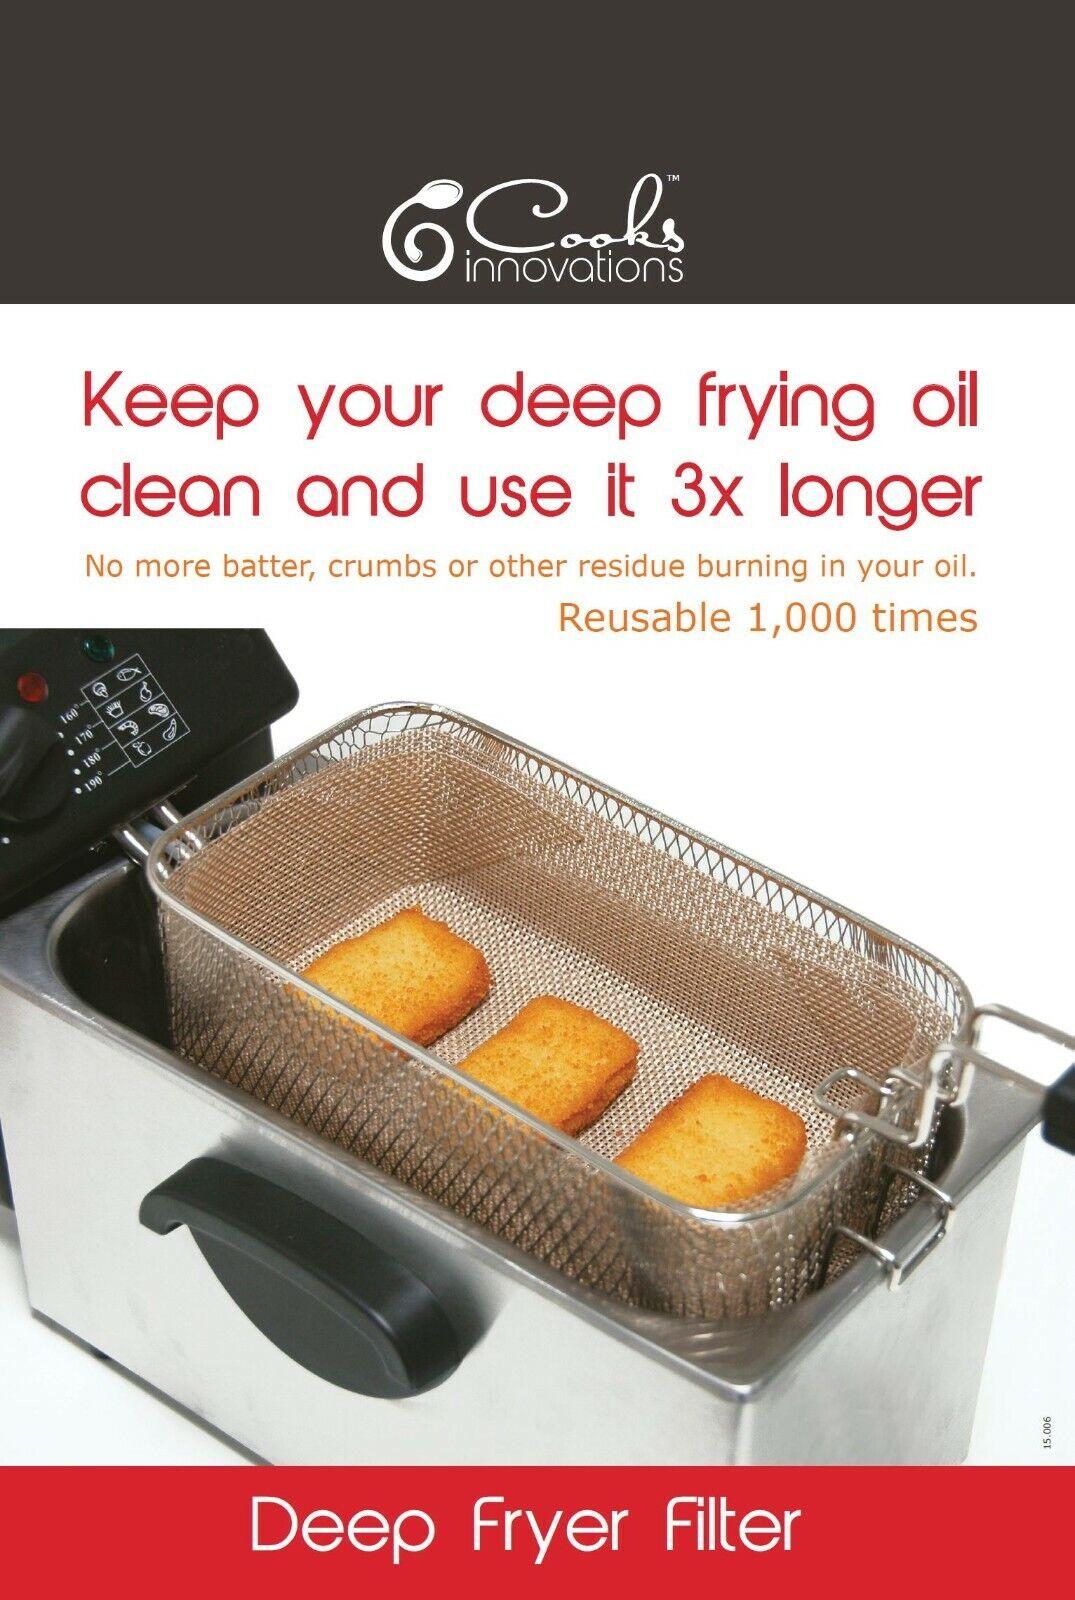 Cooks Innovations Deep Fryer Filter - Reusable - Non-Stick -